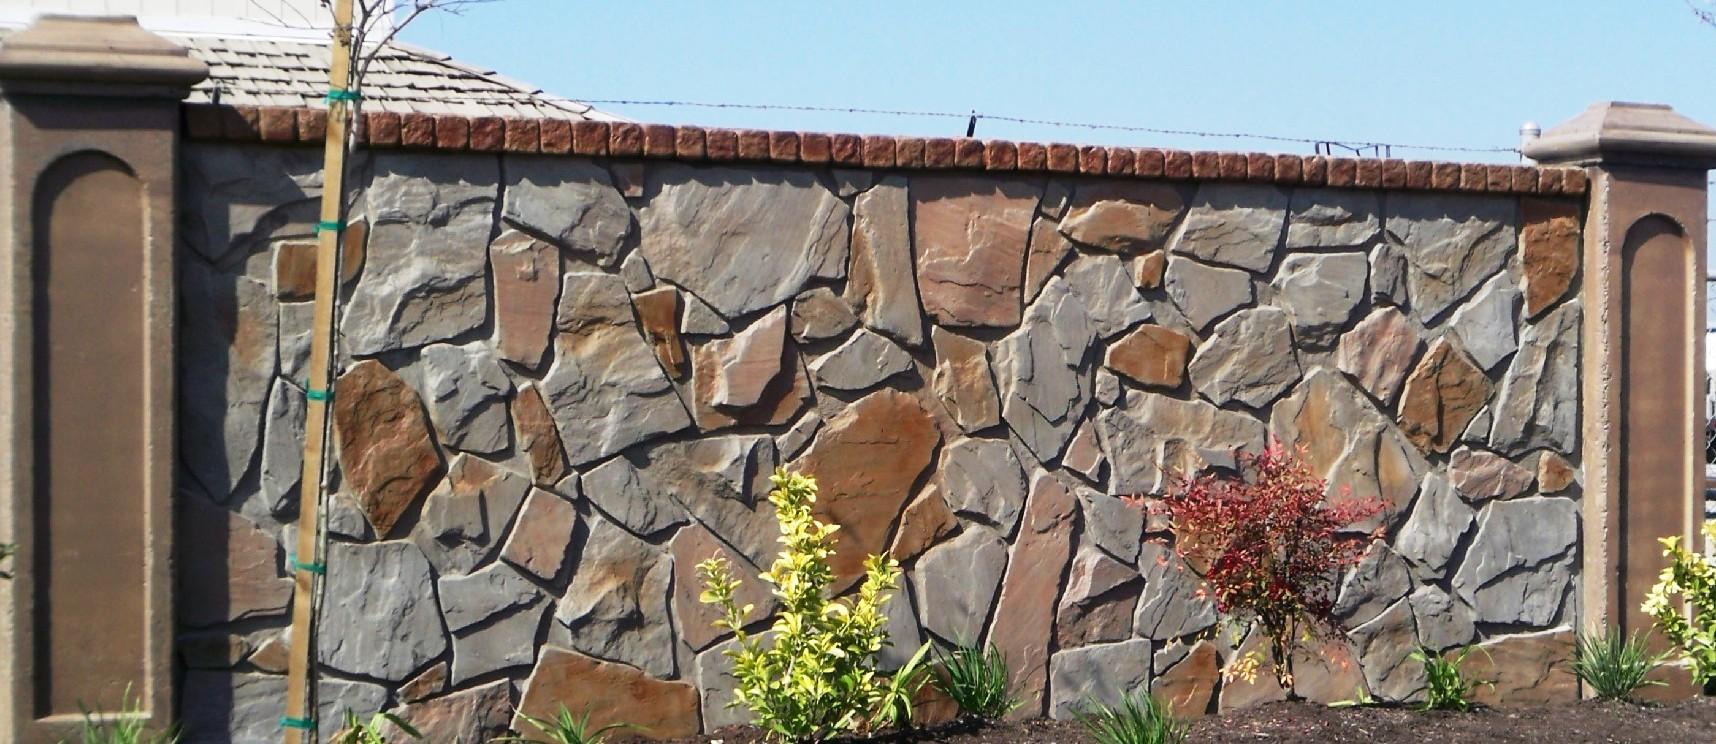 Precast Concrete Fences